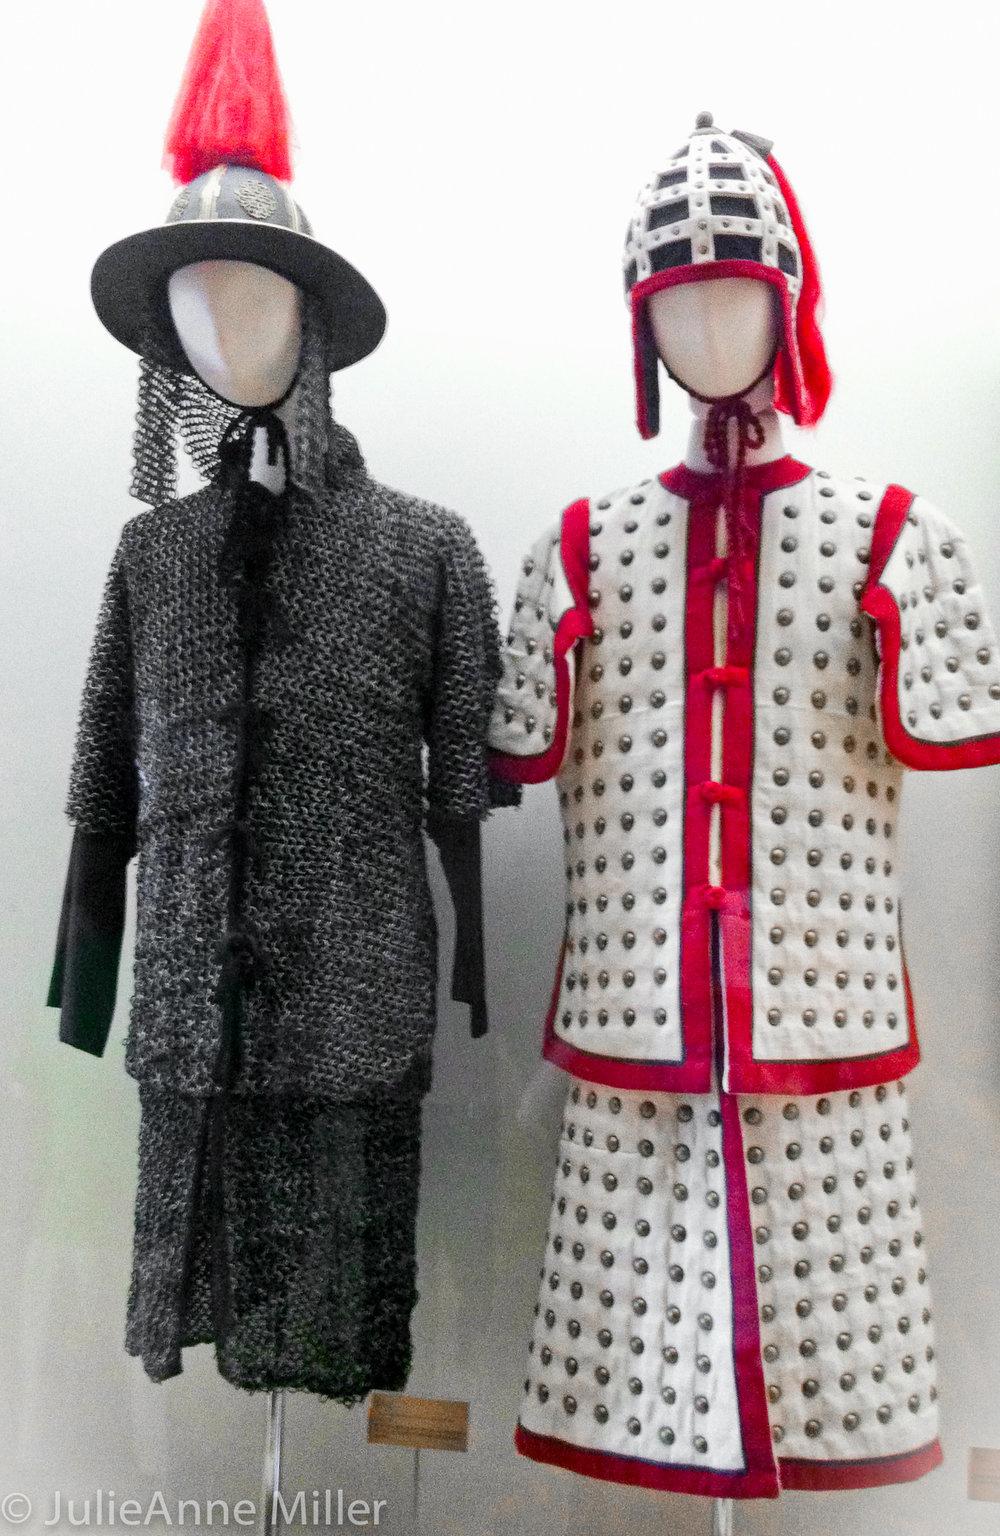 Yi Su Shin museum exhibit